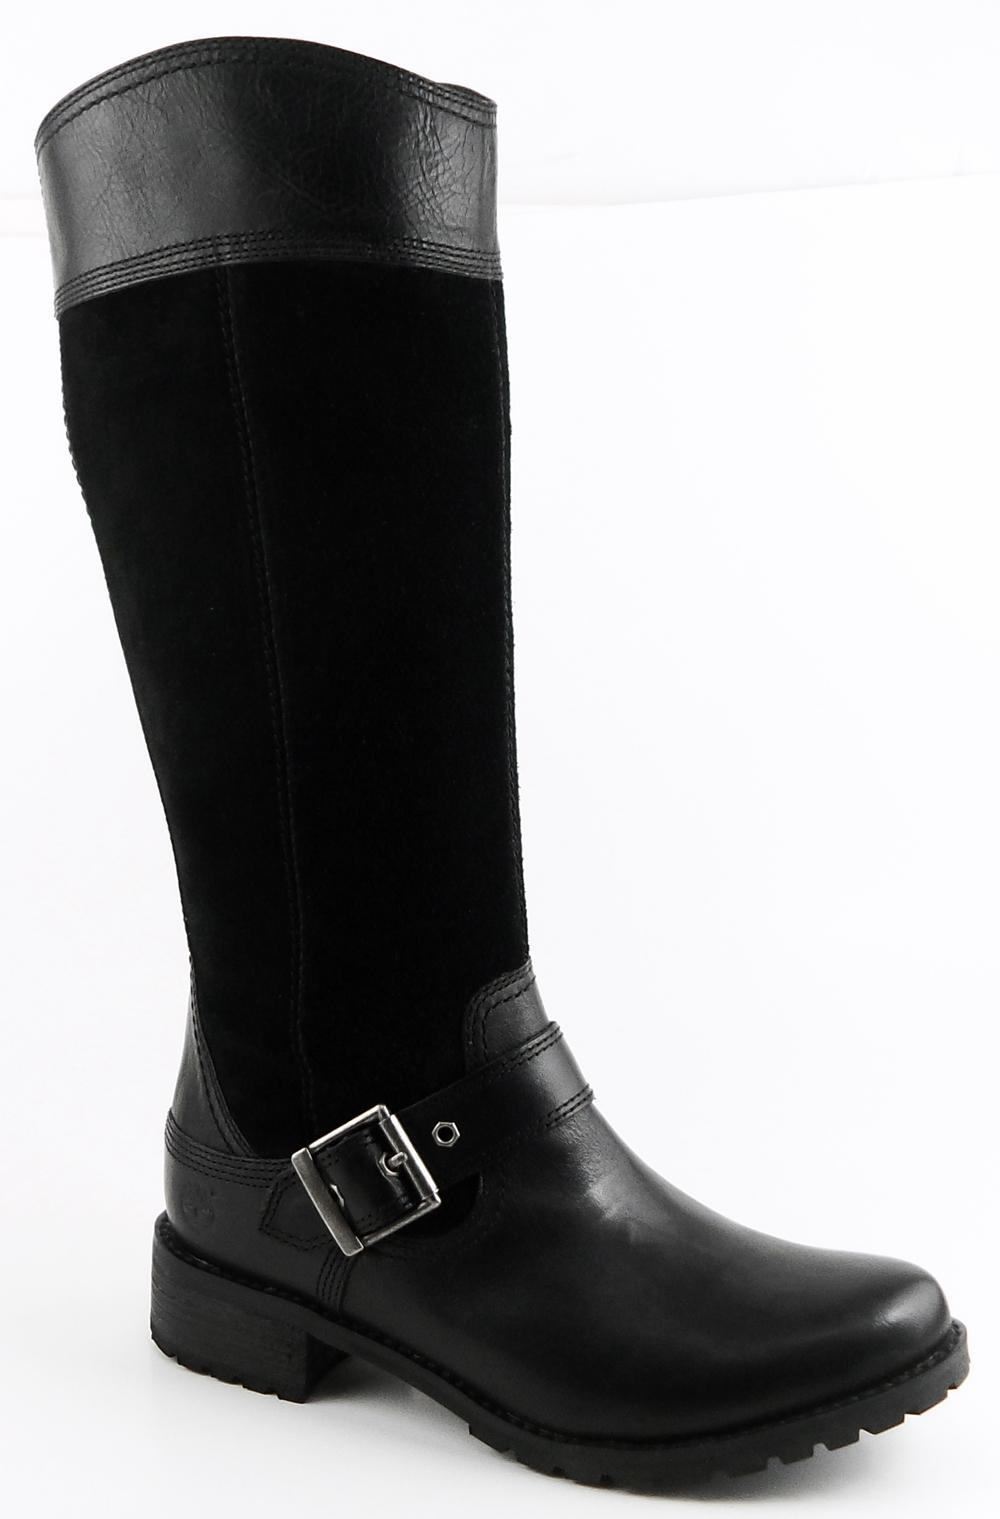 timberland bethel black leather designer shoes 10 0 m eur